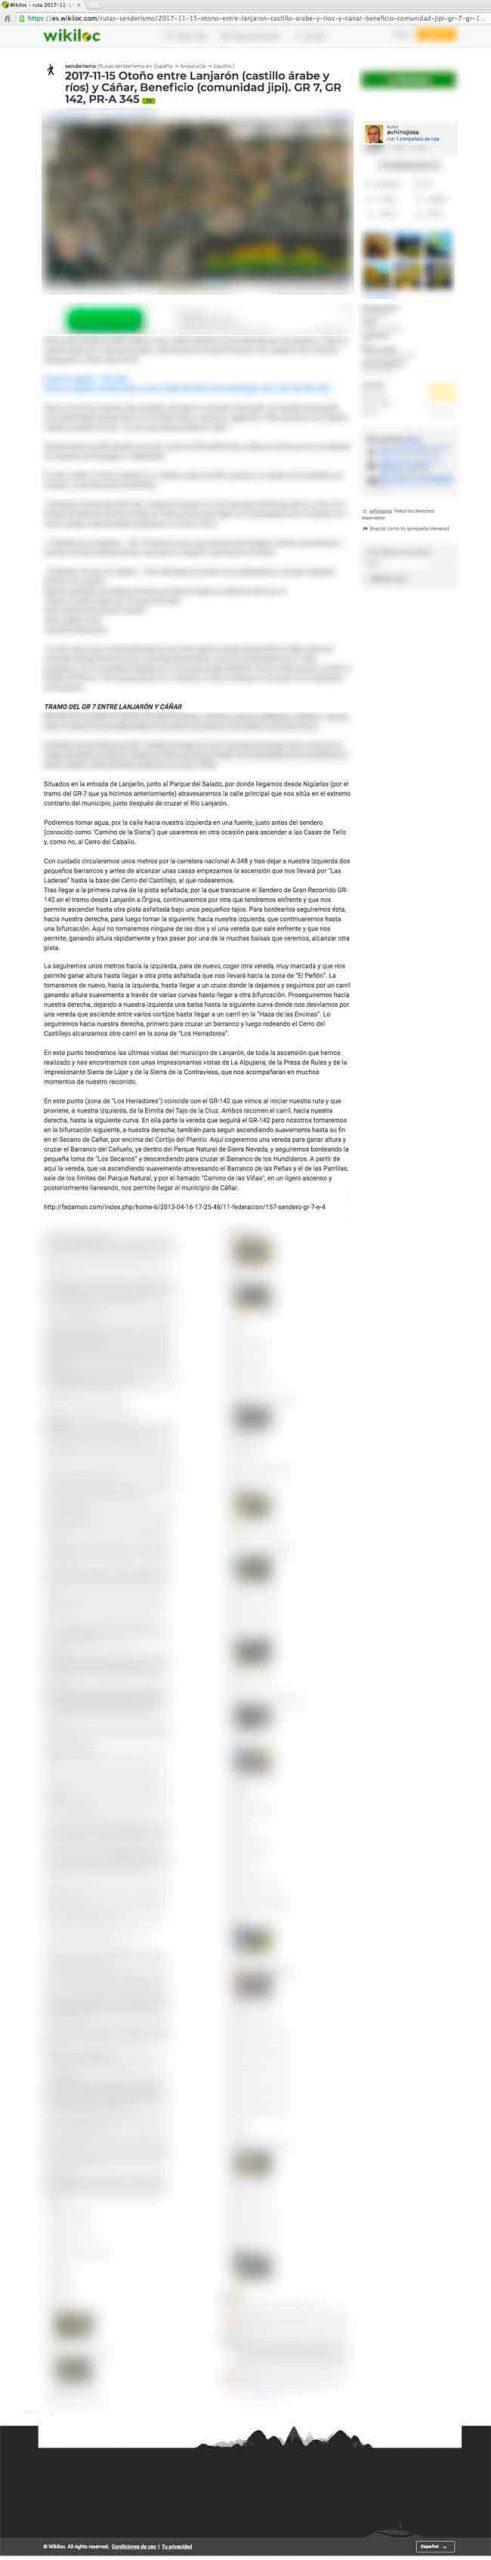 Captura del plagio a Andaltura de la Ruta del GR7 de Lanjarón a Cañar en wikiloc